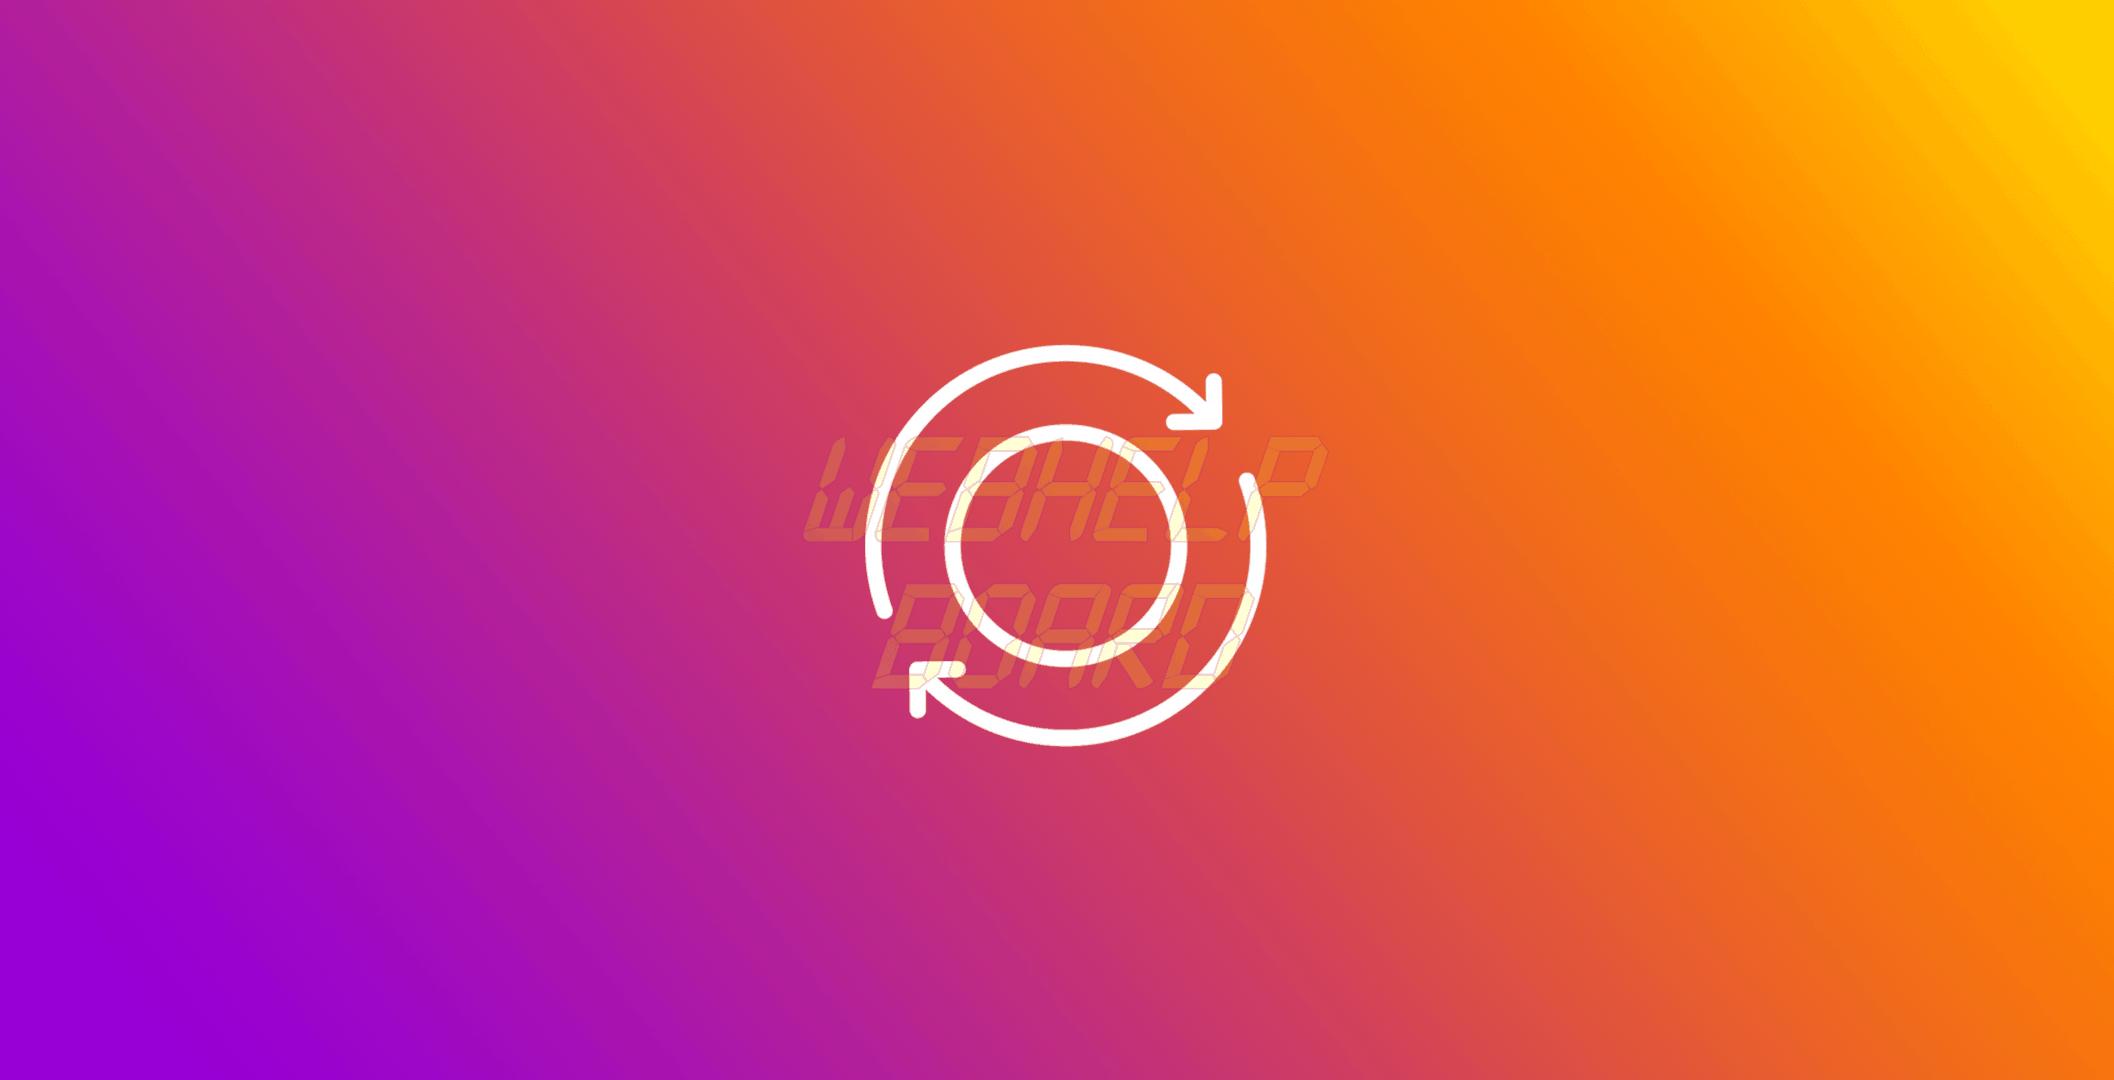 ins - Tutorial: como baixar os vídeos e Stories do Instagram